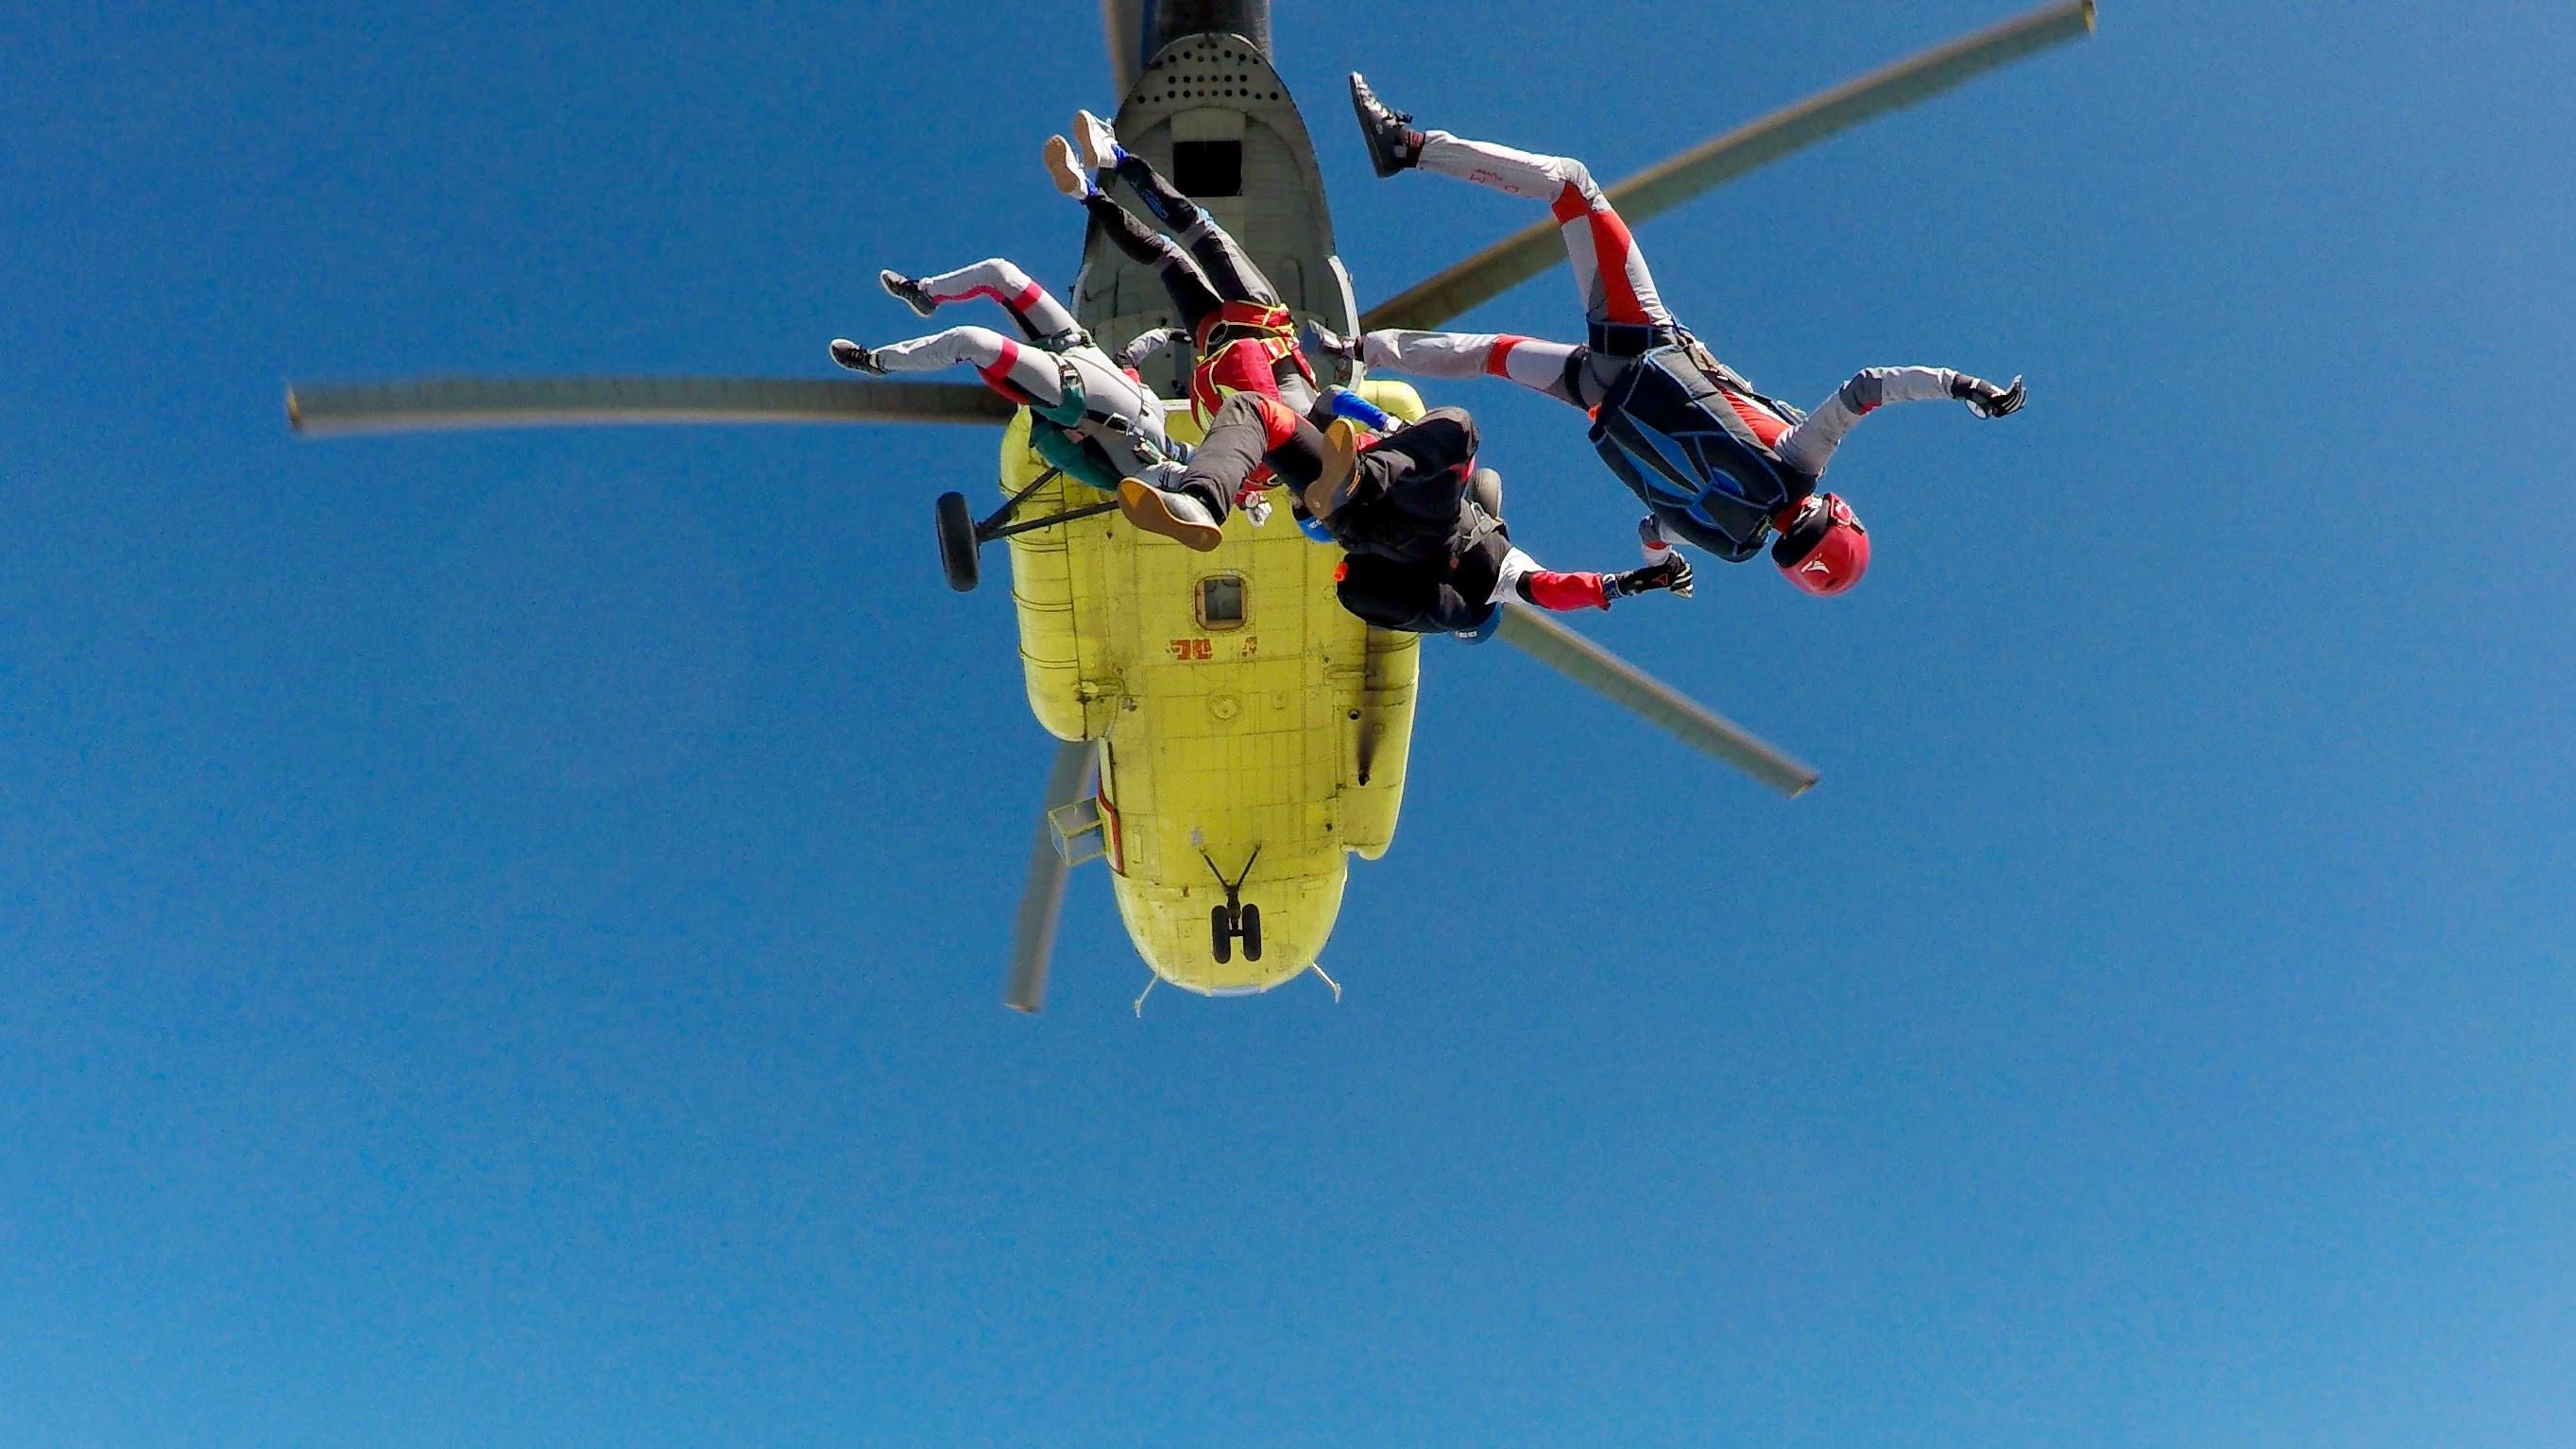 3 people skydiving